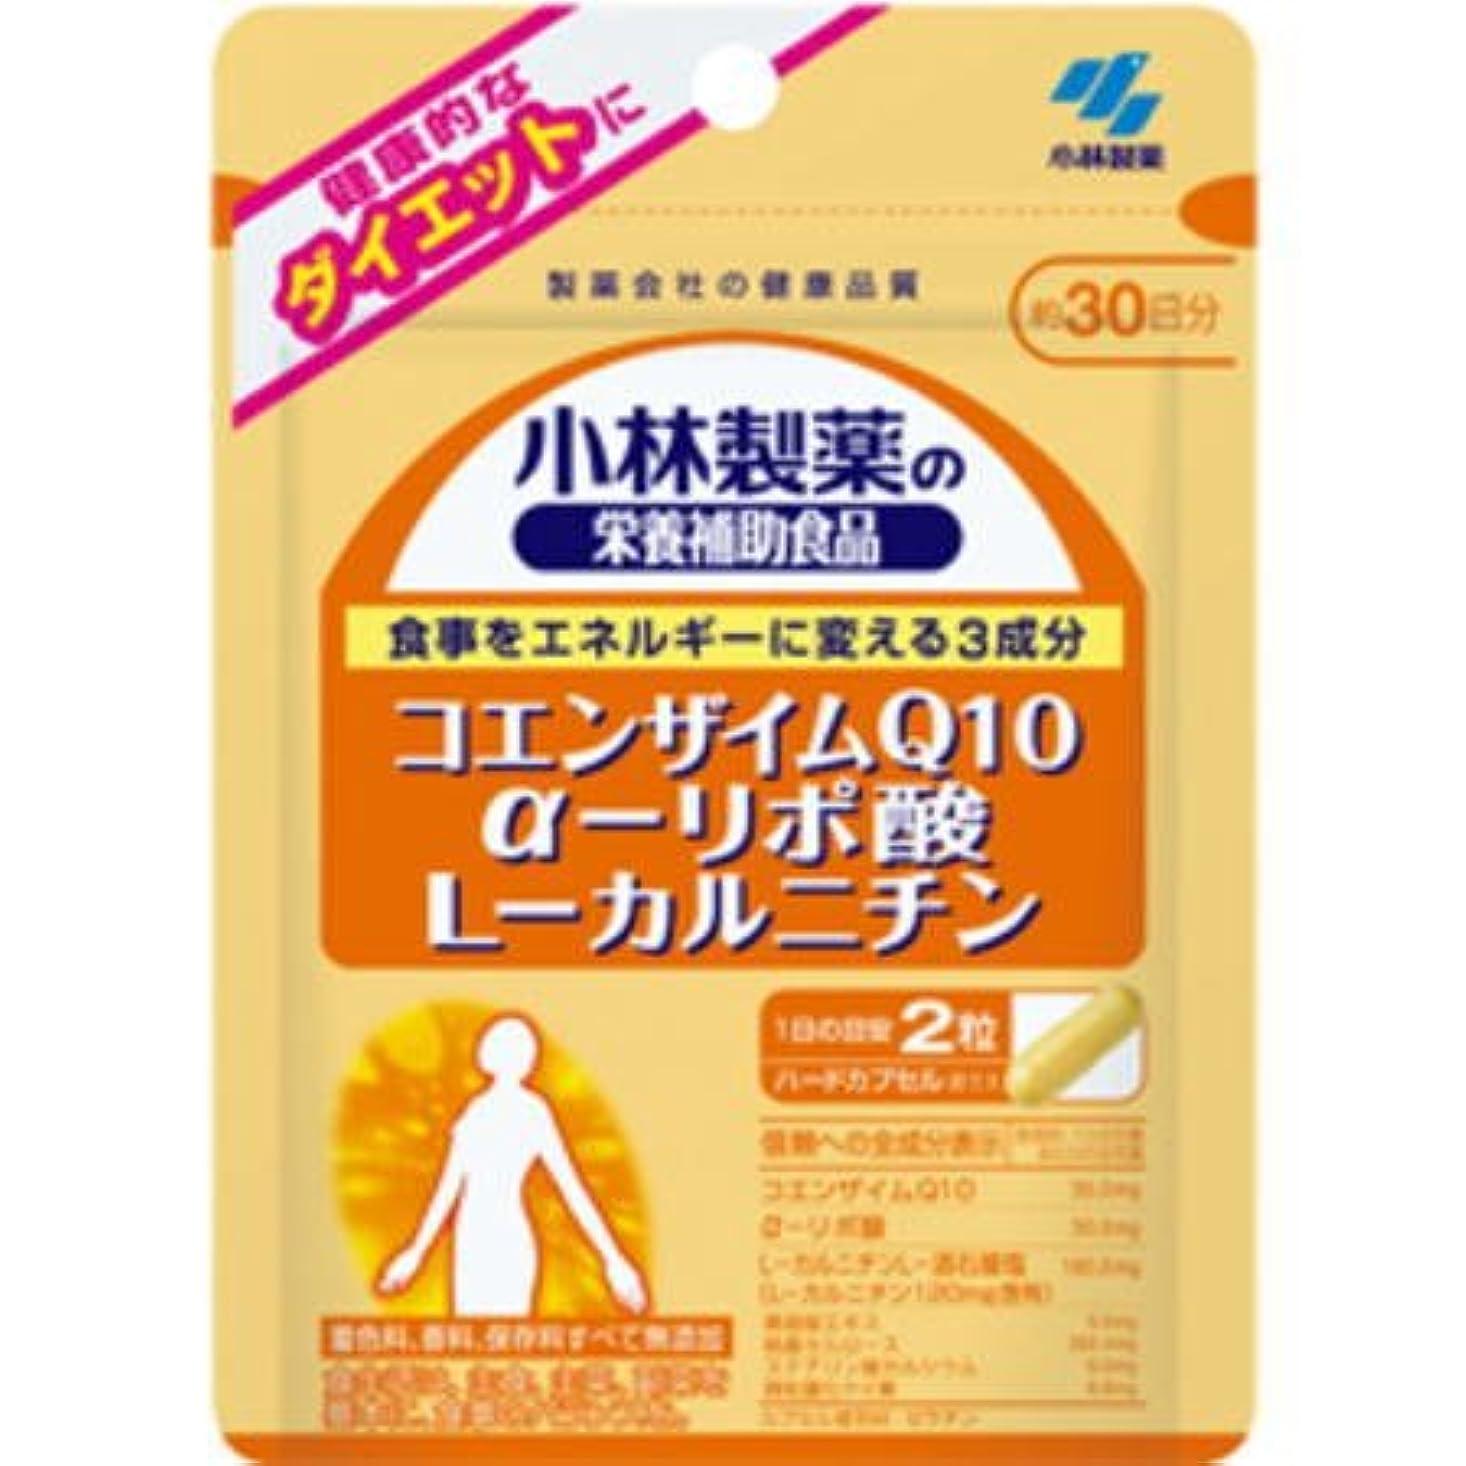 場合責めハーネス小林製薬 コエンザイムQ10 α-リポ酸 L-カルニチン(60粒×2個セット)【ネコポス発送】